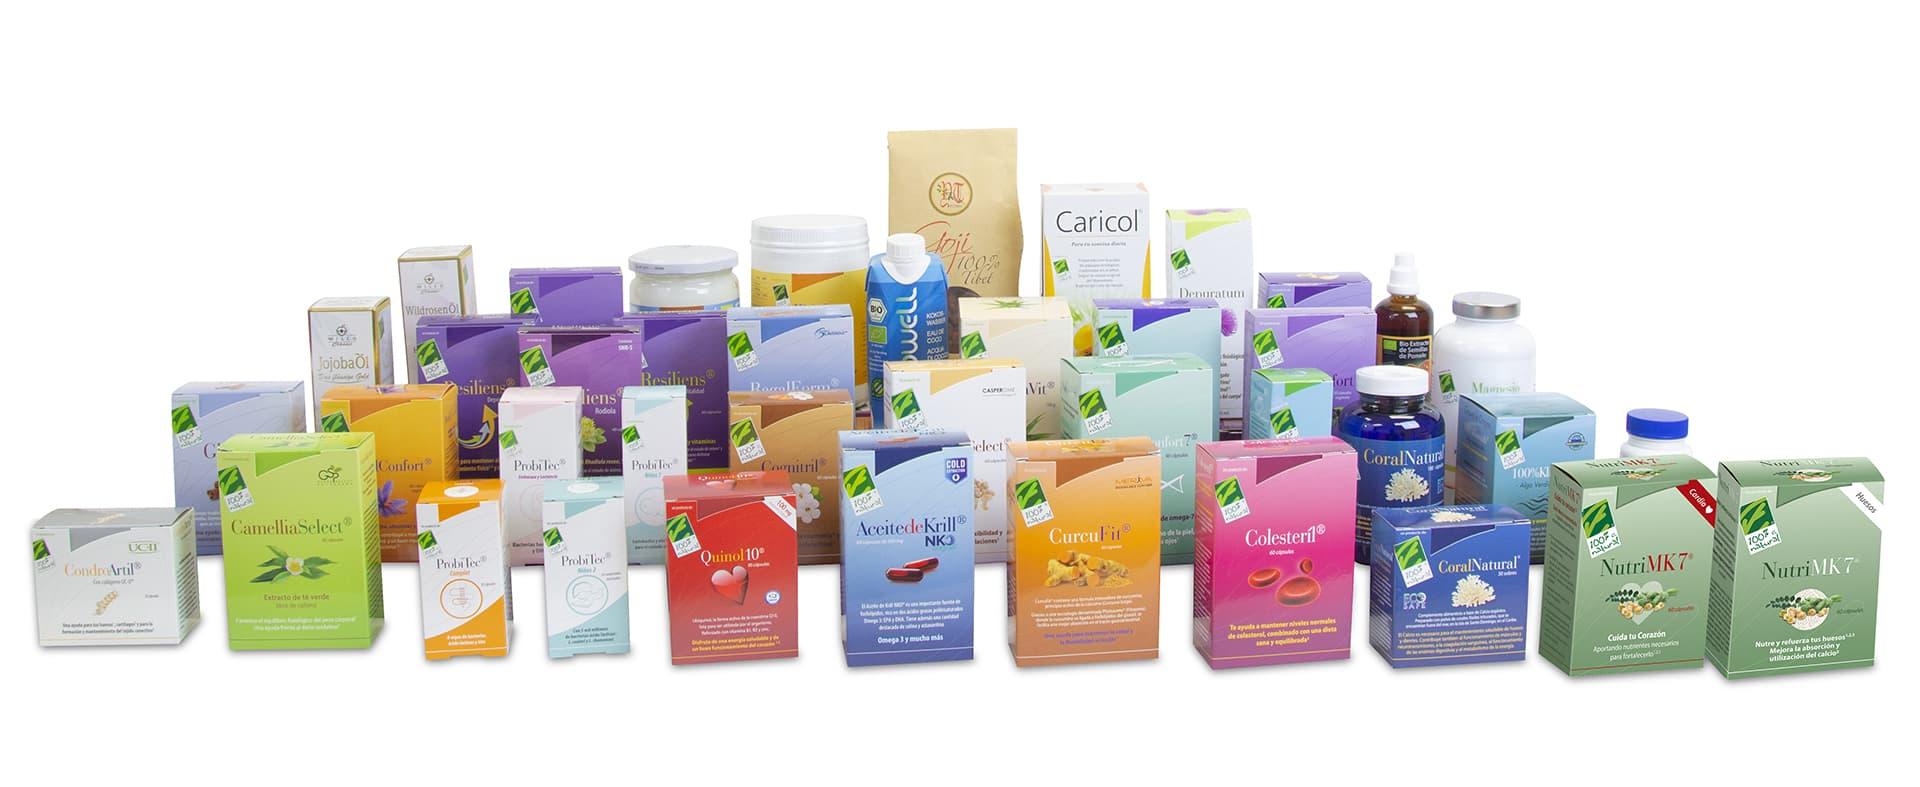 productos 100 por 100 natural